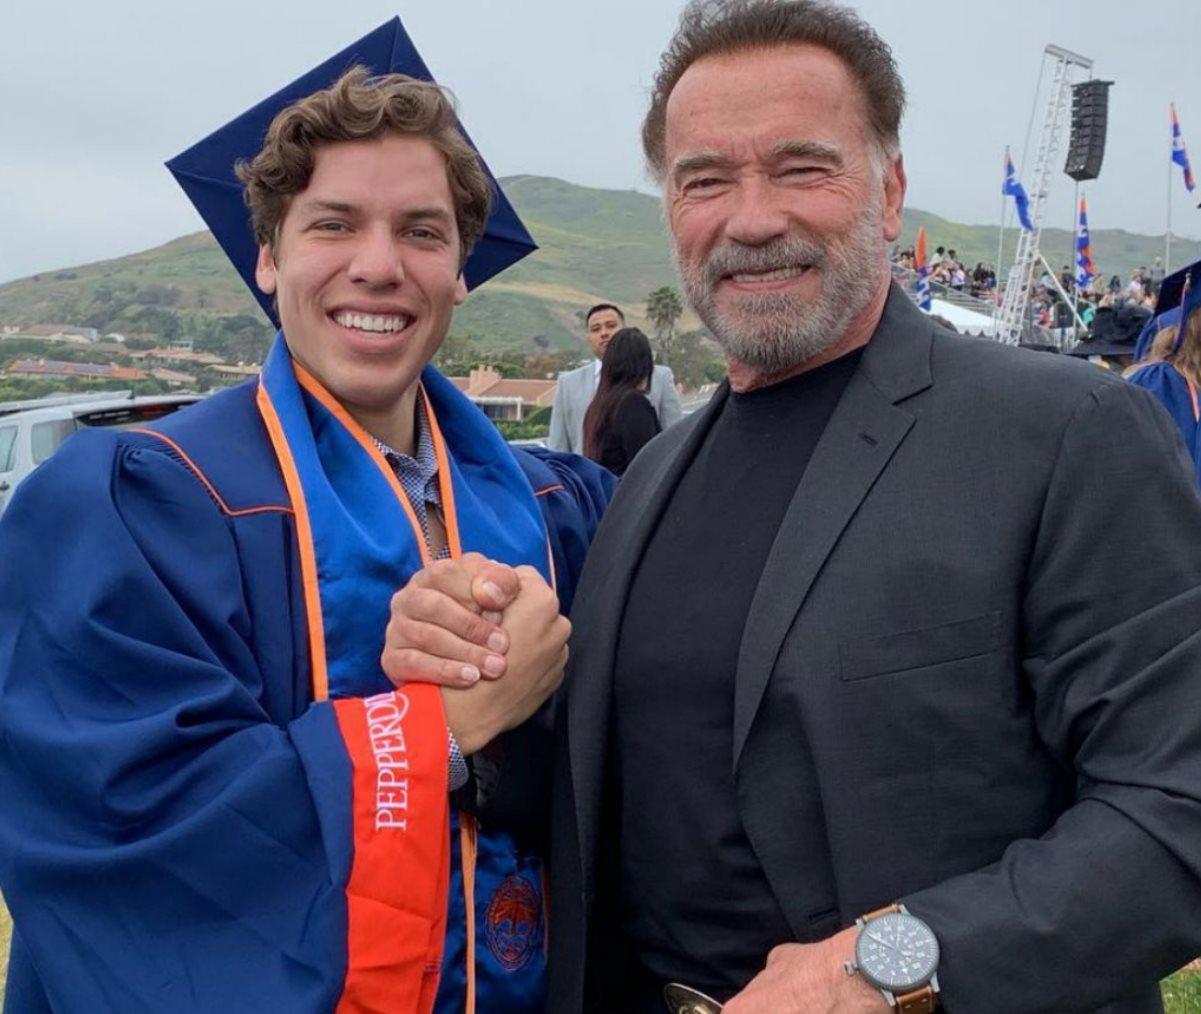 Arnold Schwarzenegger Joseph Baena figlio somiglianza